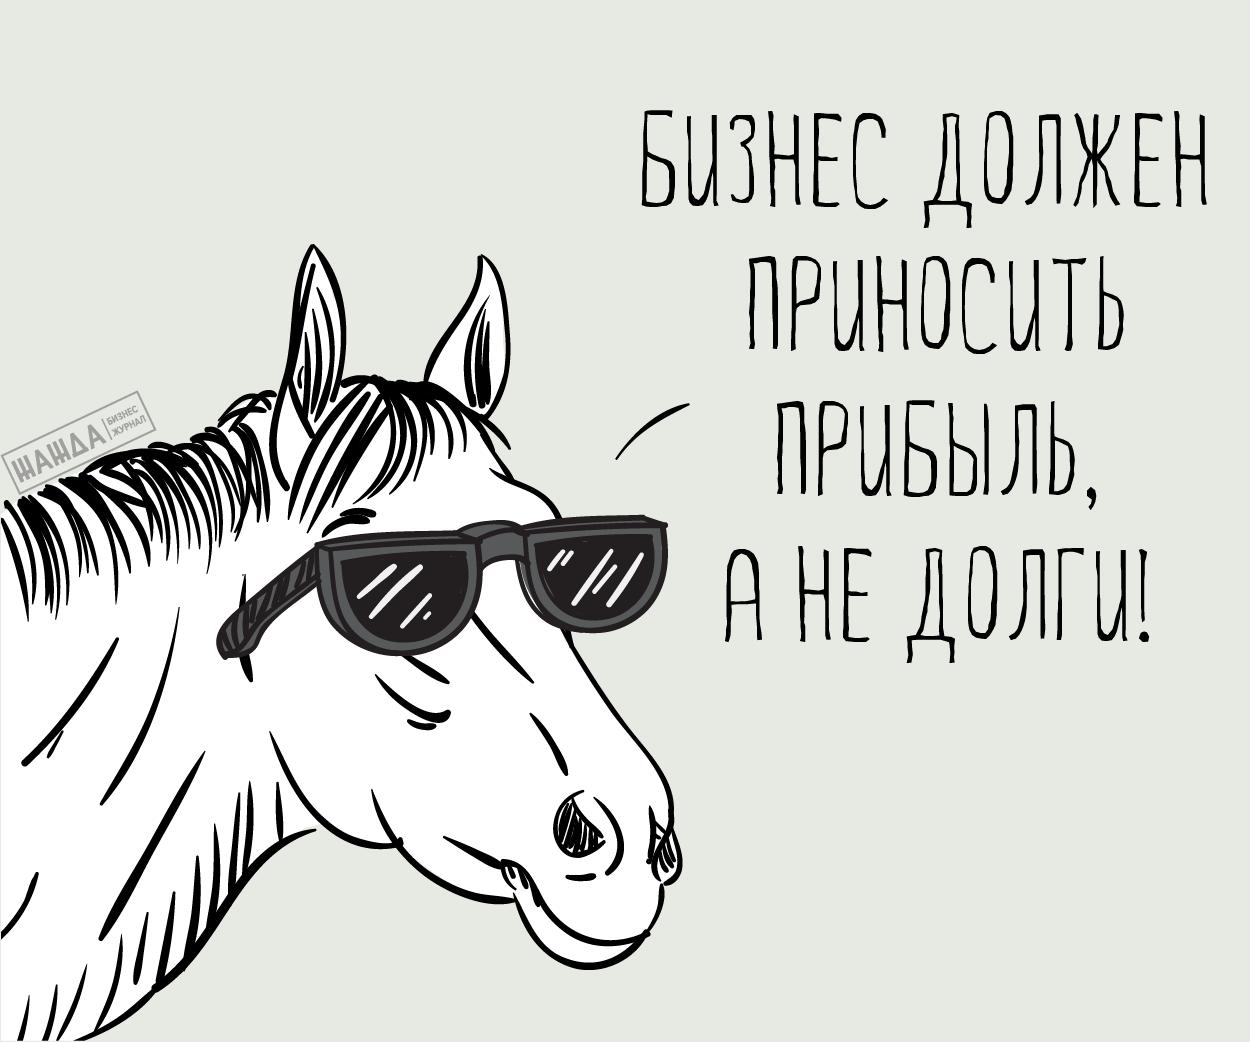 Ликвидация ООО с долгами – юридическая помощь в Москве, закрыть компанию с долгами по кредитам.